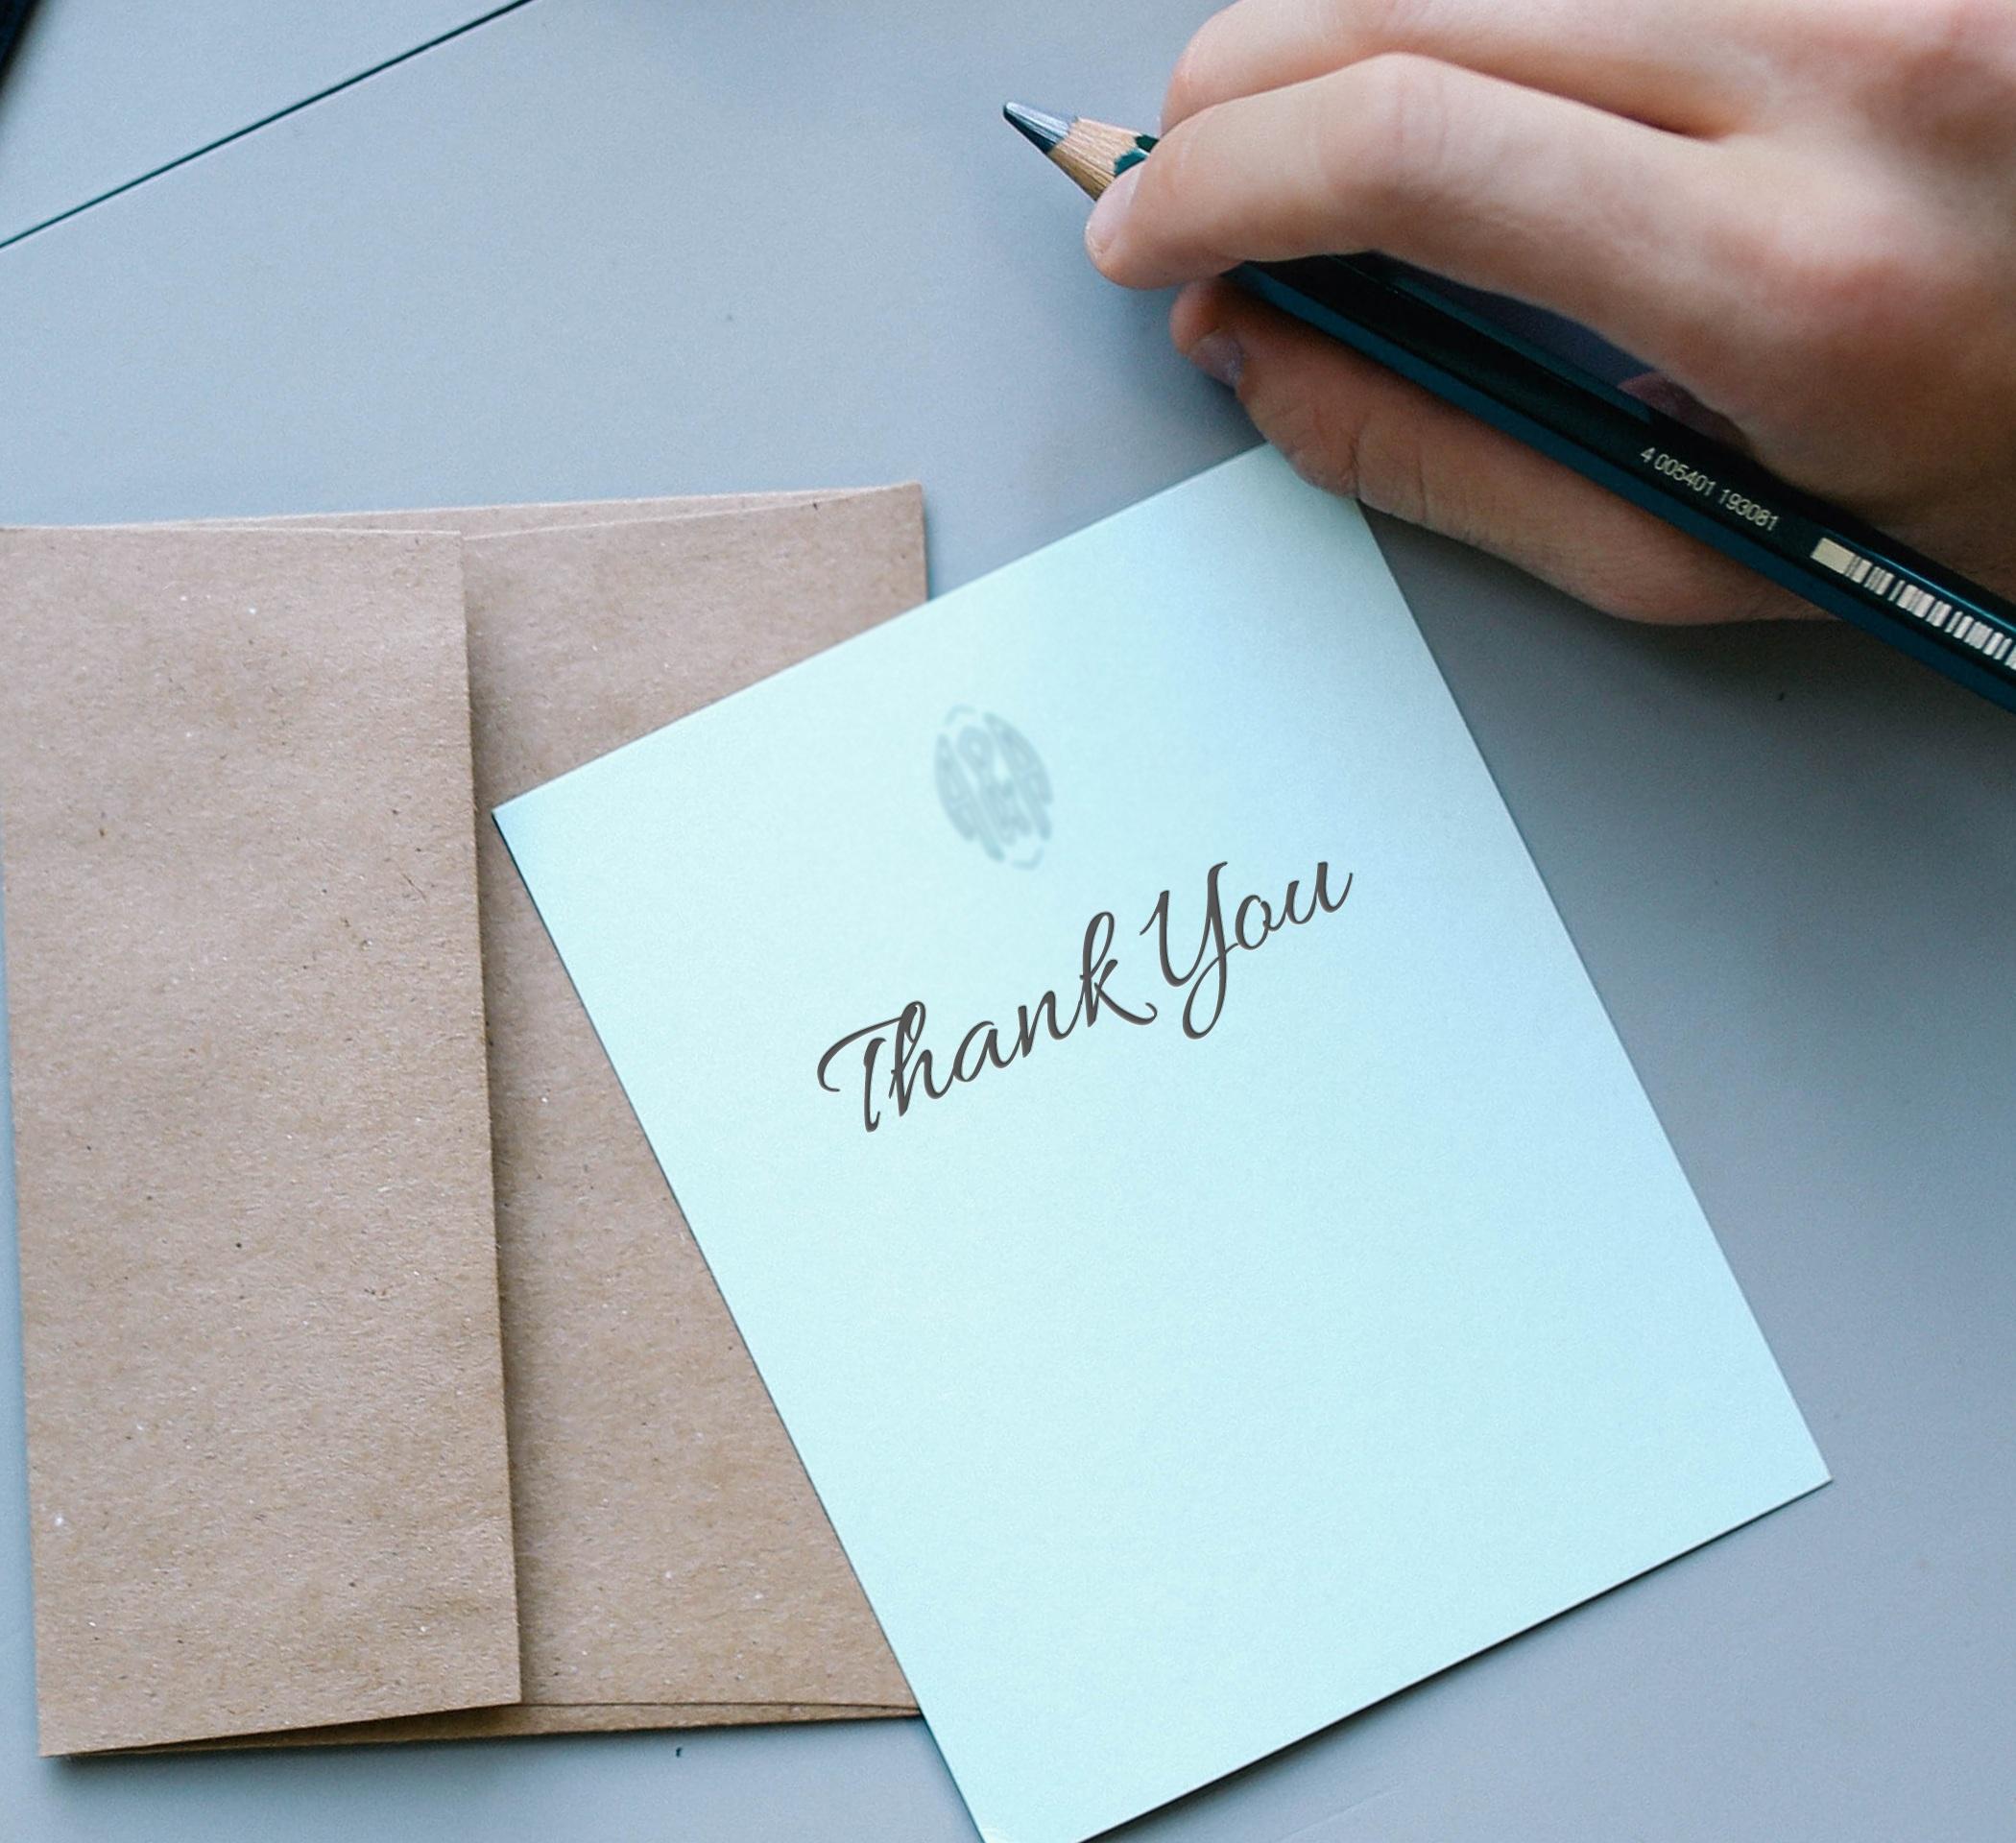 Schrijf een brief voor iemand als verrassing, zodat je zelf gelukkiger wordt